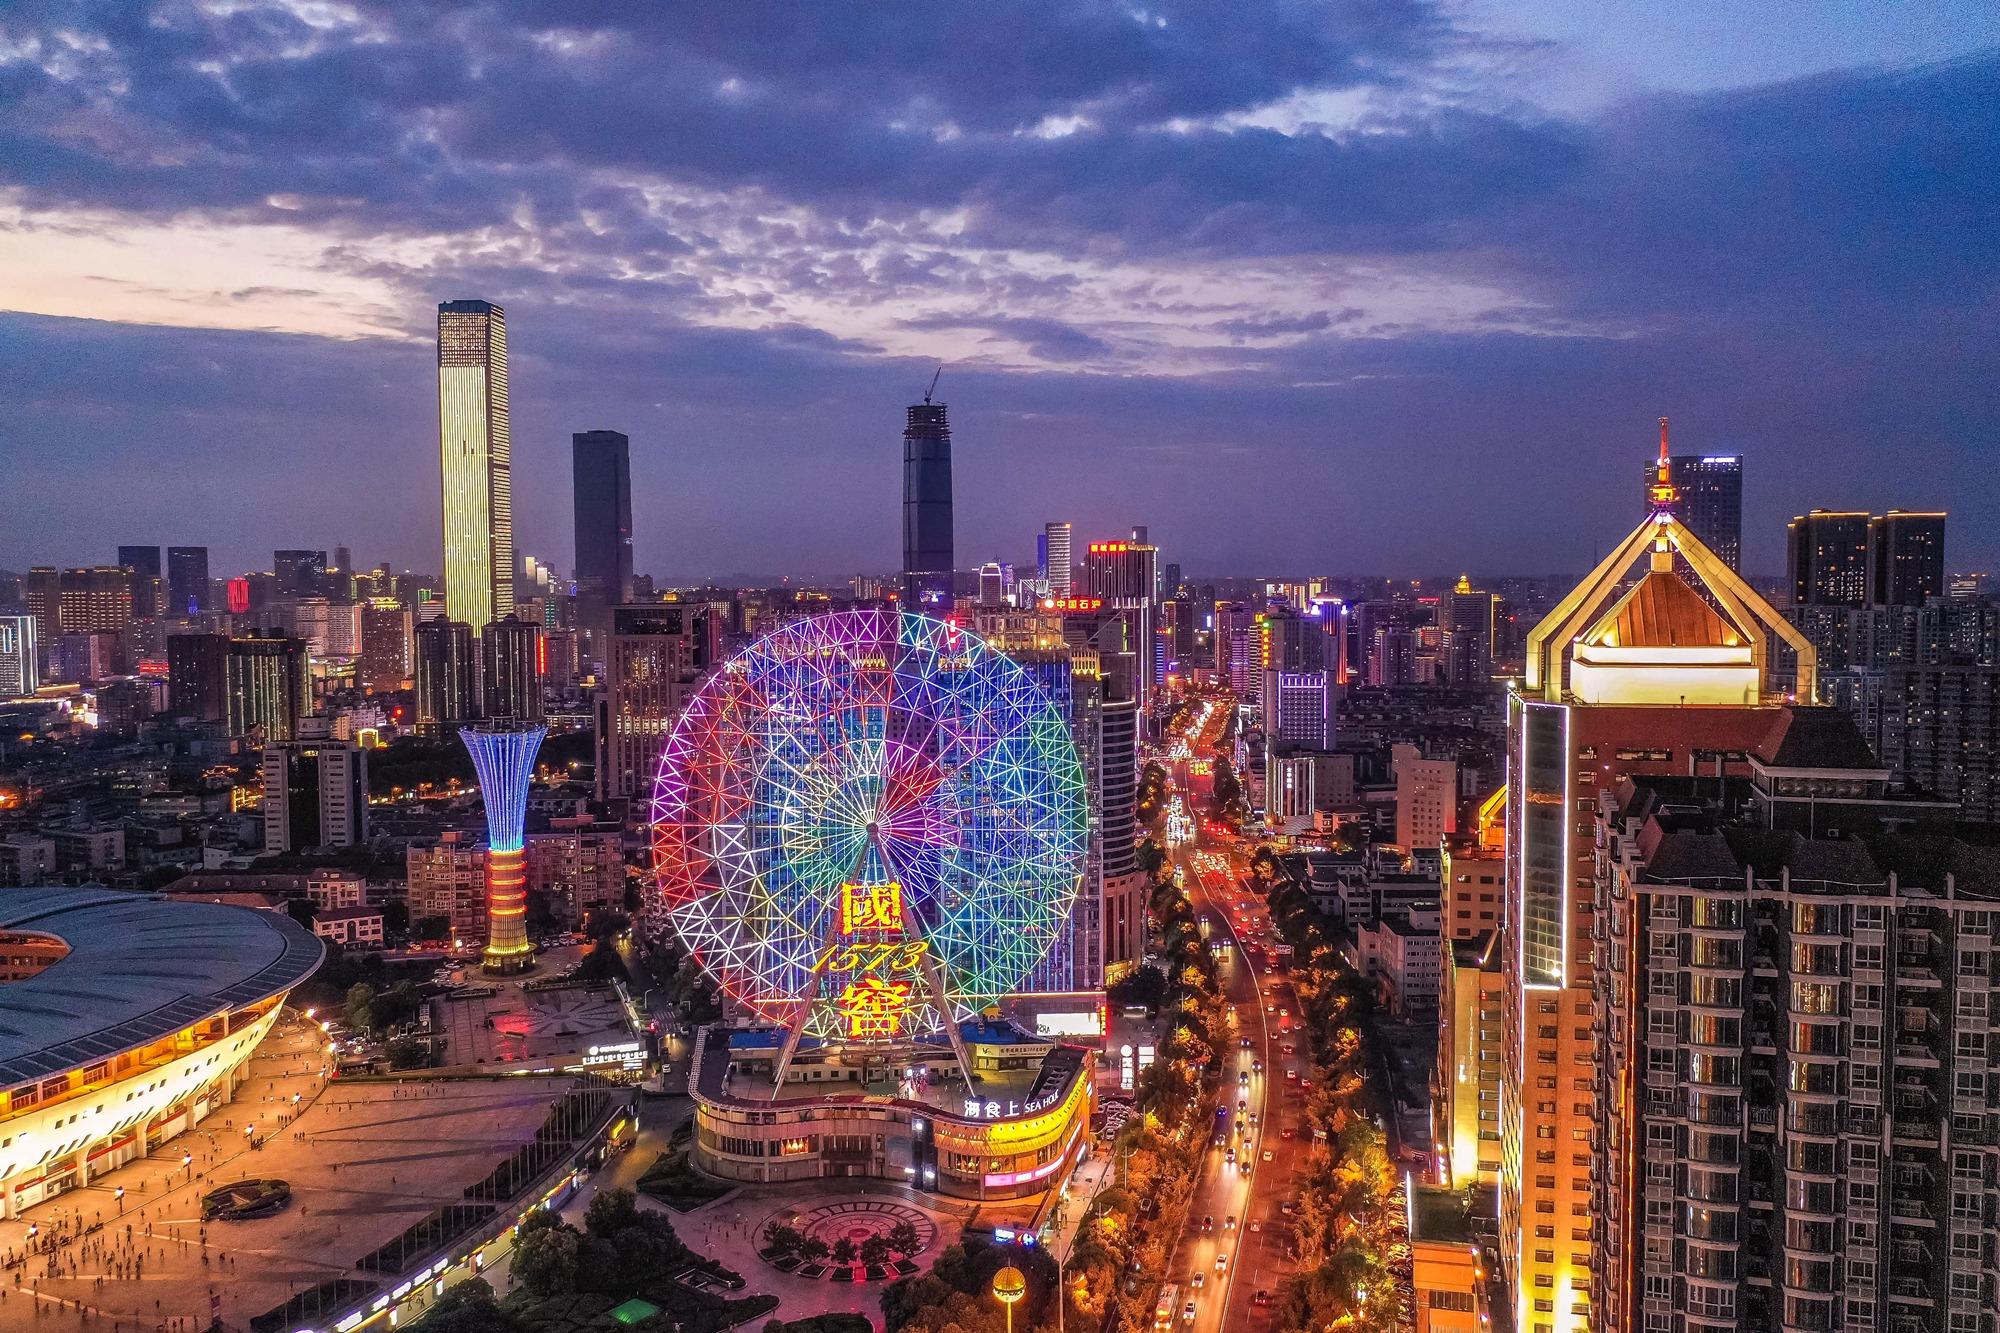 【28号作品:彩色摩天轮】 夜幕降临,贺龙体育广场摩天轮闪烁五彩霓虹,周边高楼鳞次栉比,一片繁华。